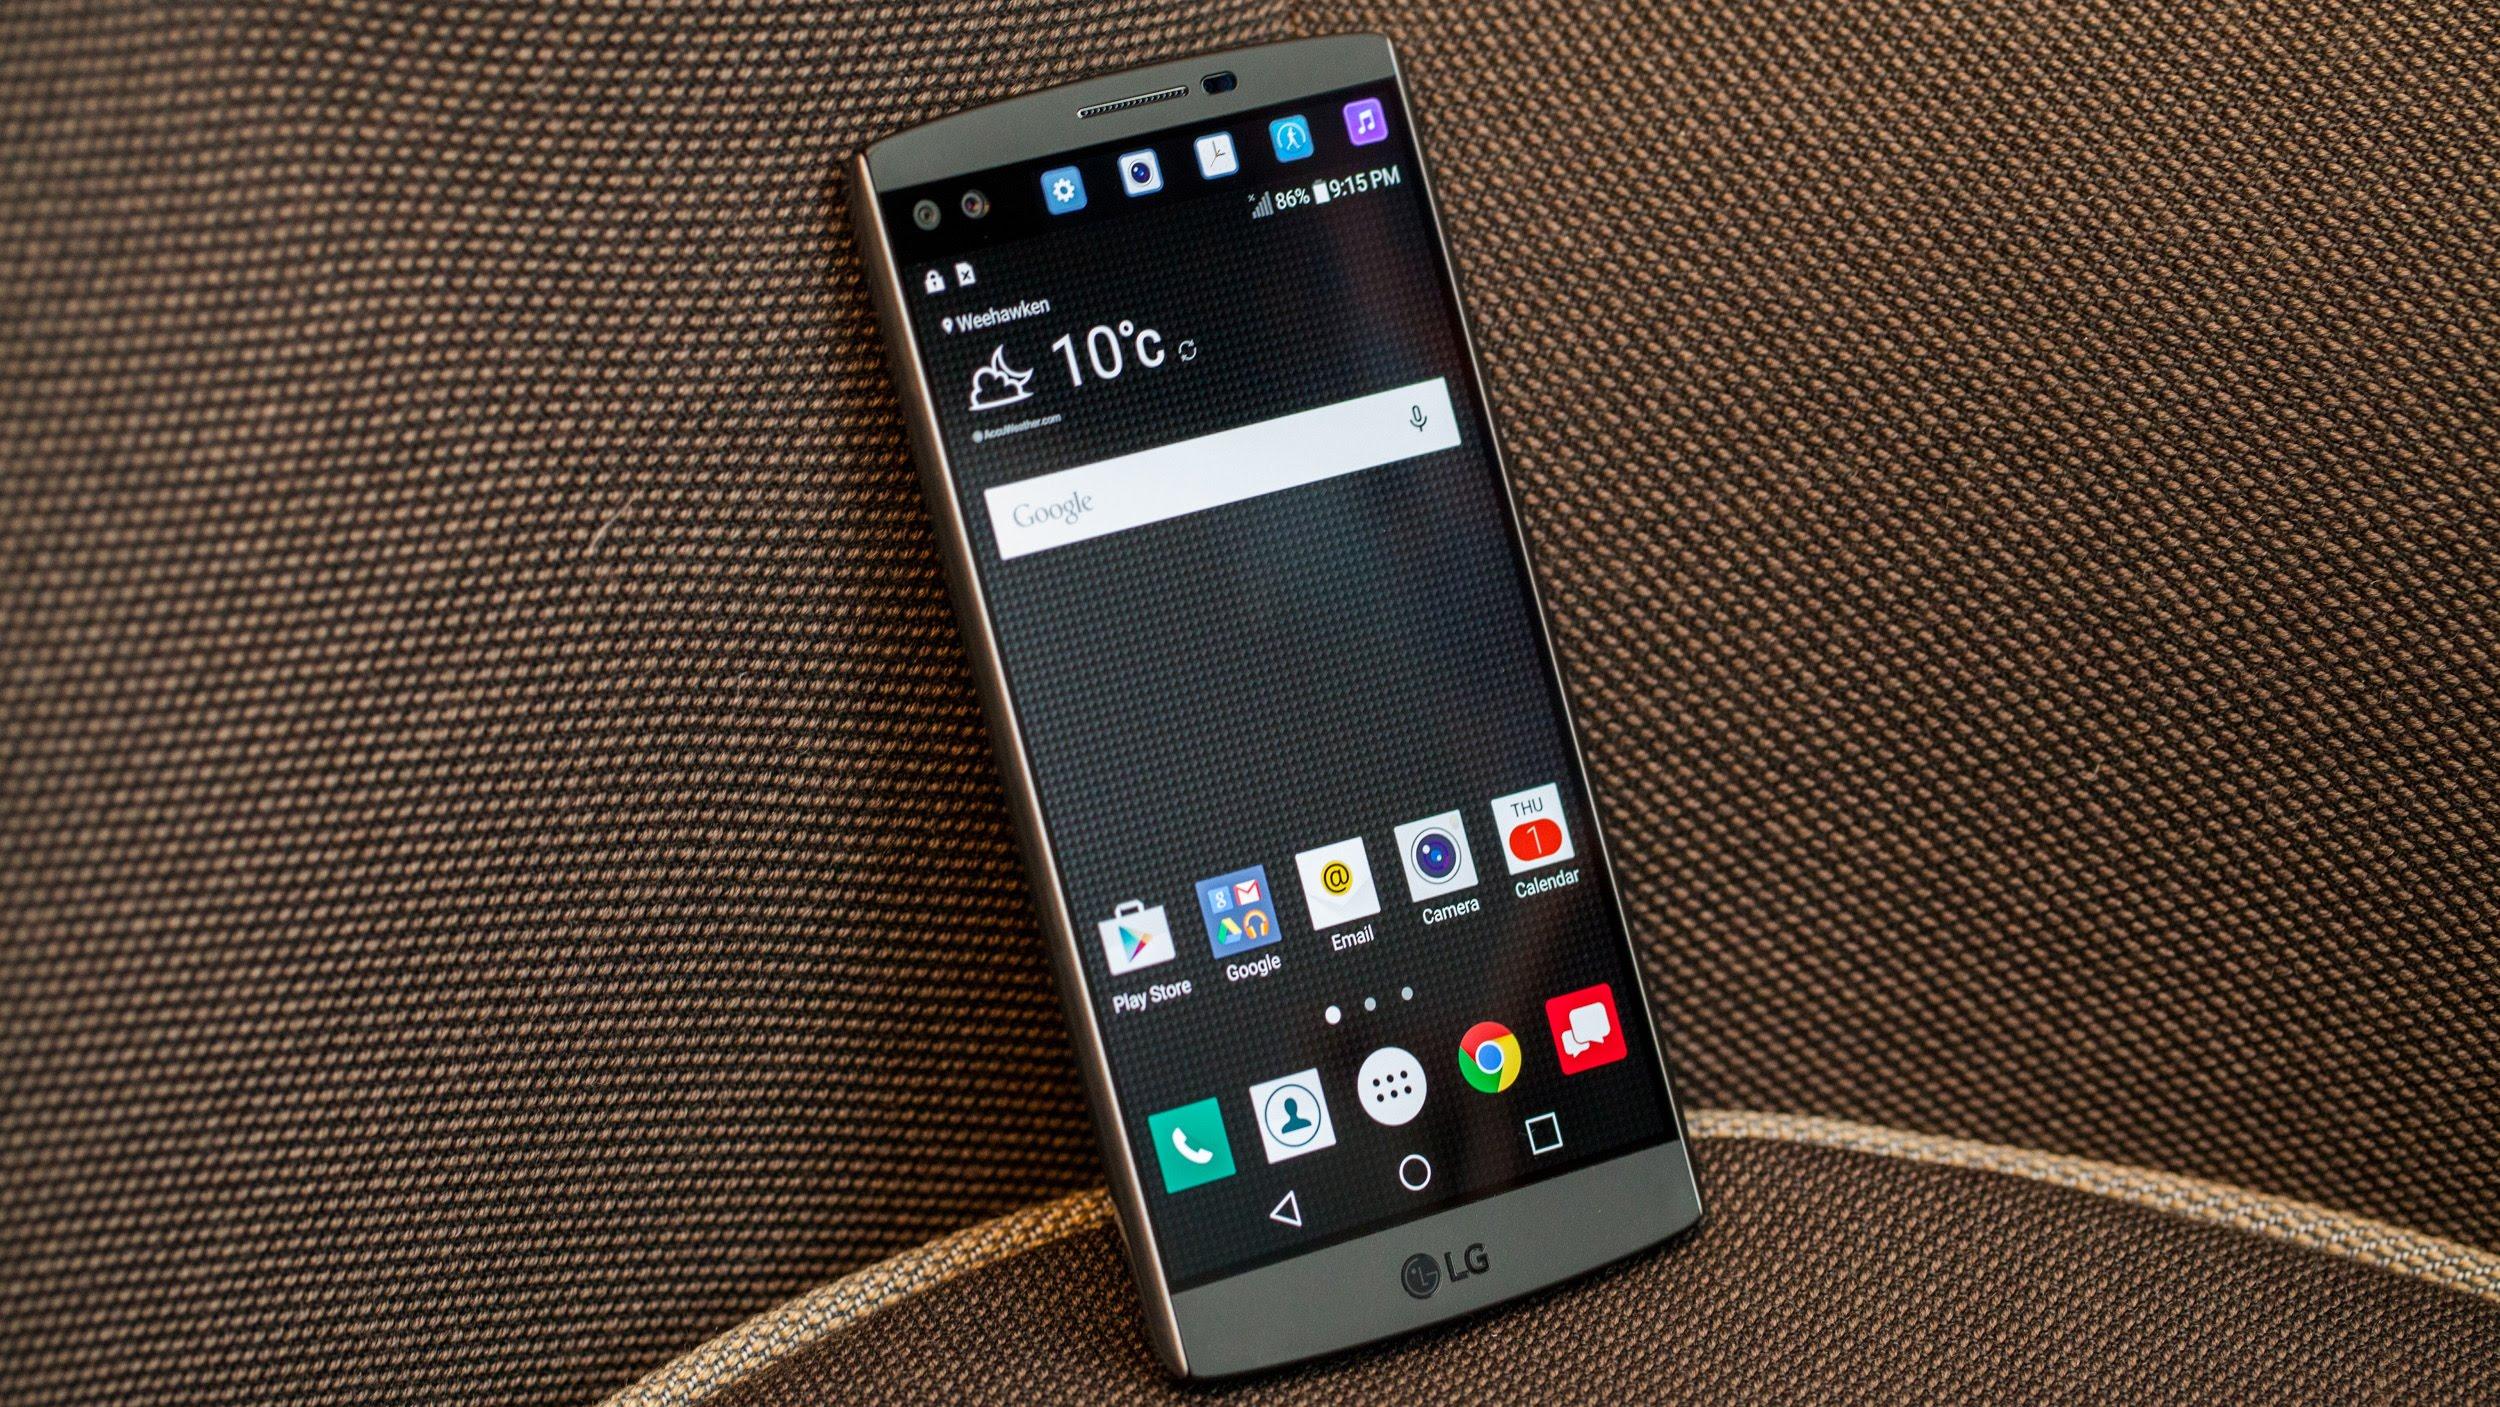 LG, LG V10, Android Nougat update, Android Nougat v7 0, Changelog